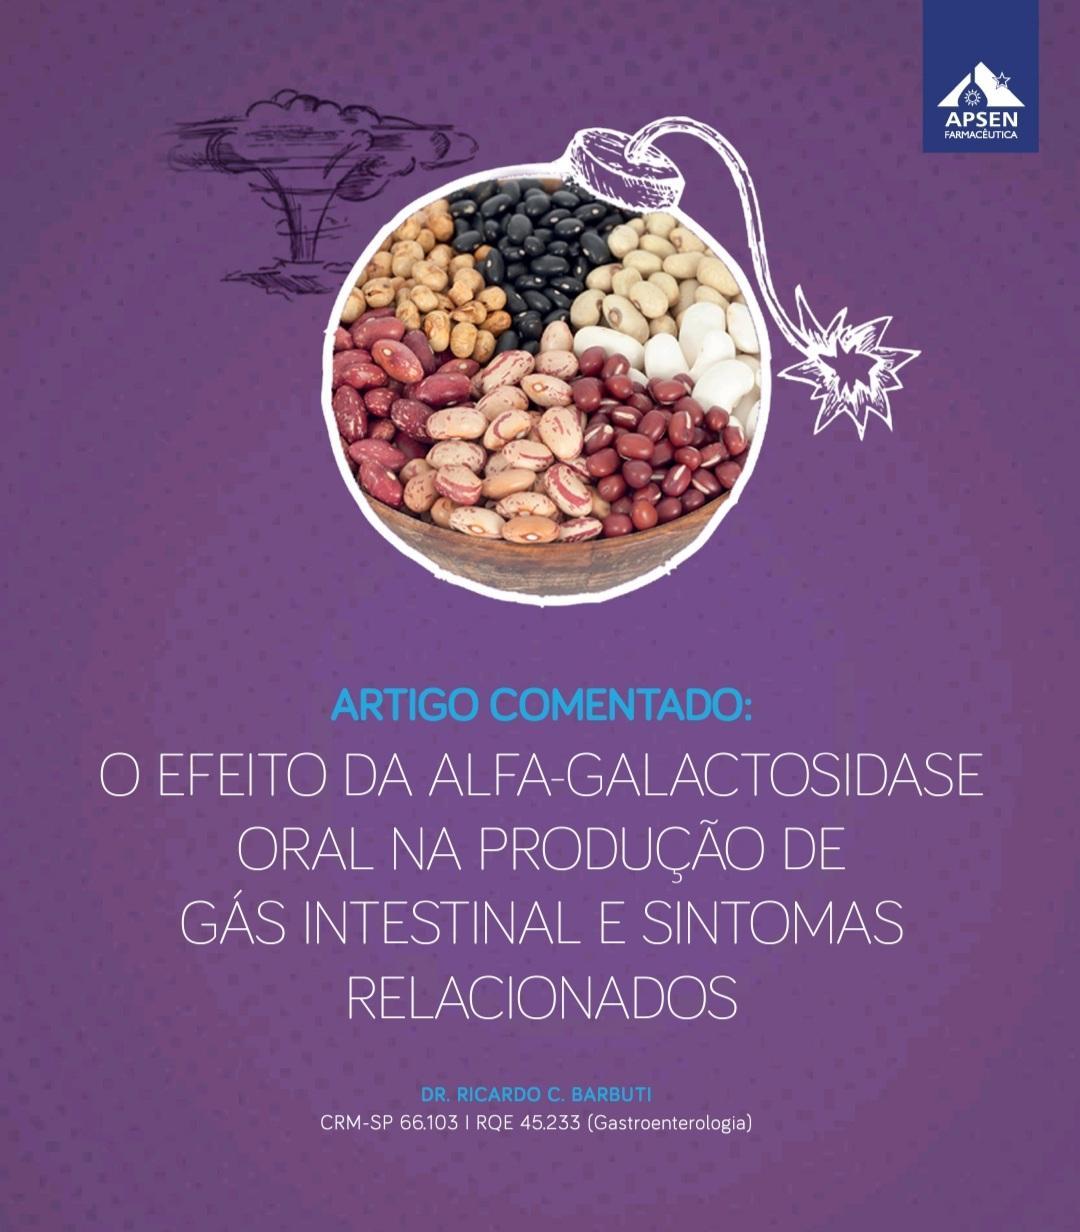 O efeito da alfa-galactosidase oral na produção de gás intestinal e sintomas relacionados